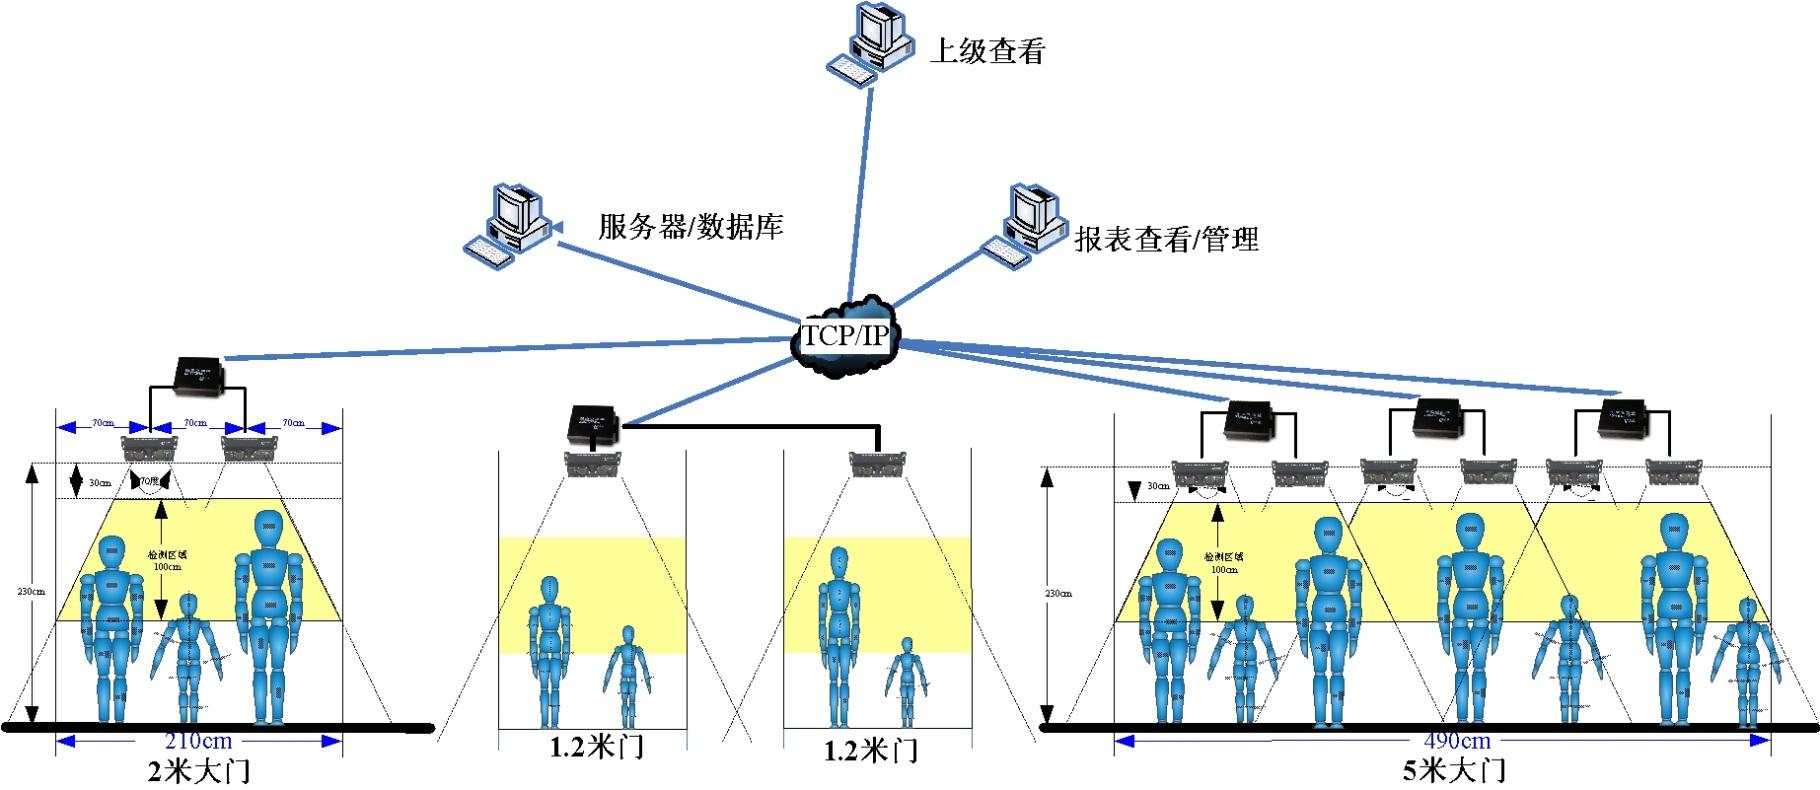 商场客流统计系统图